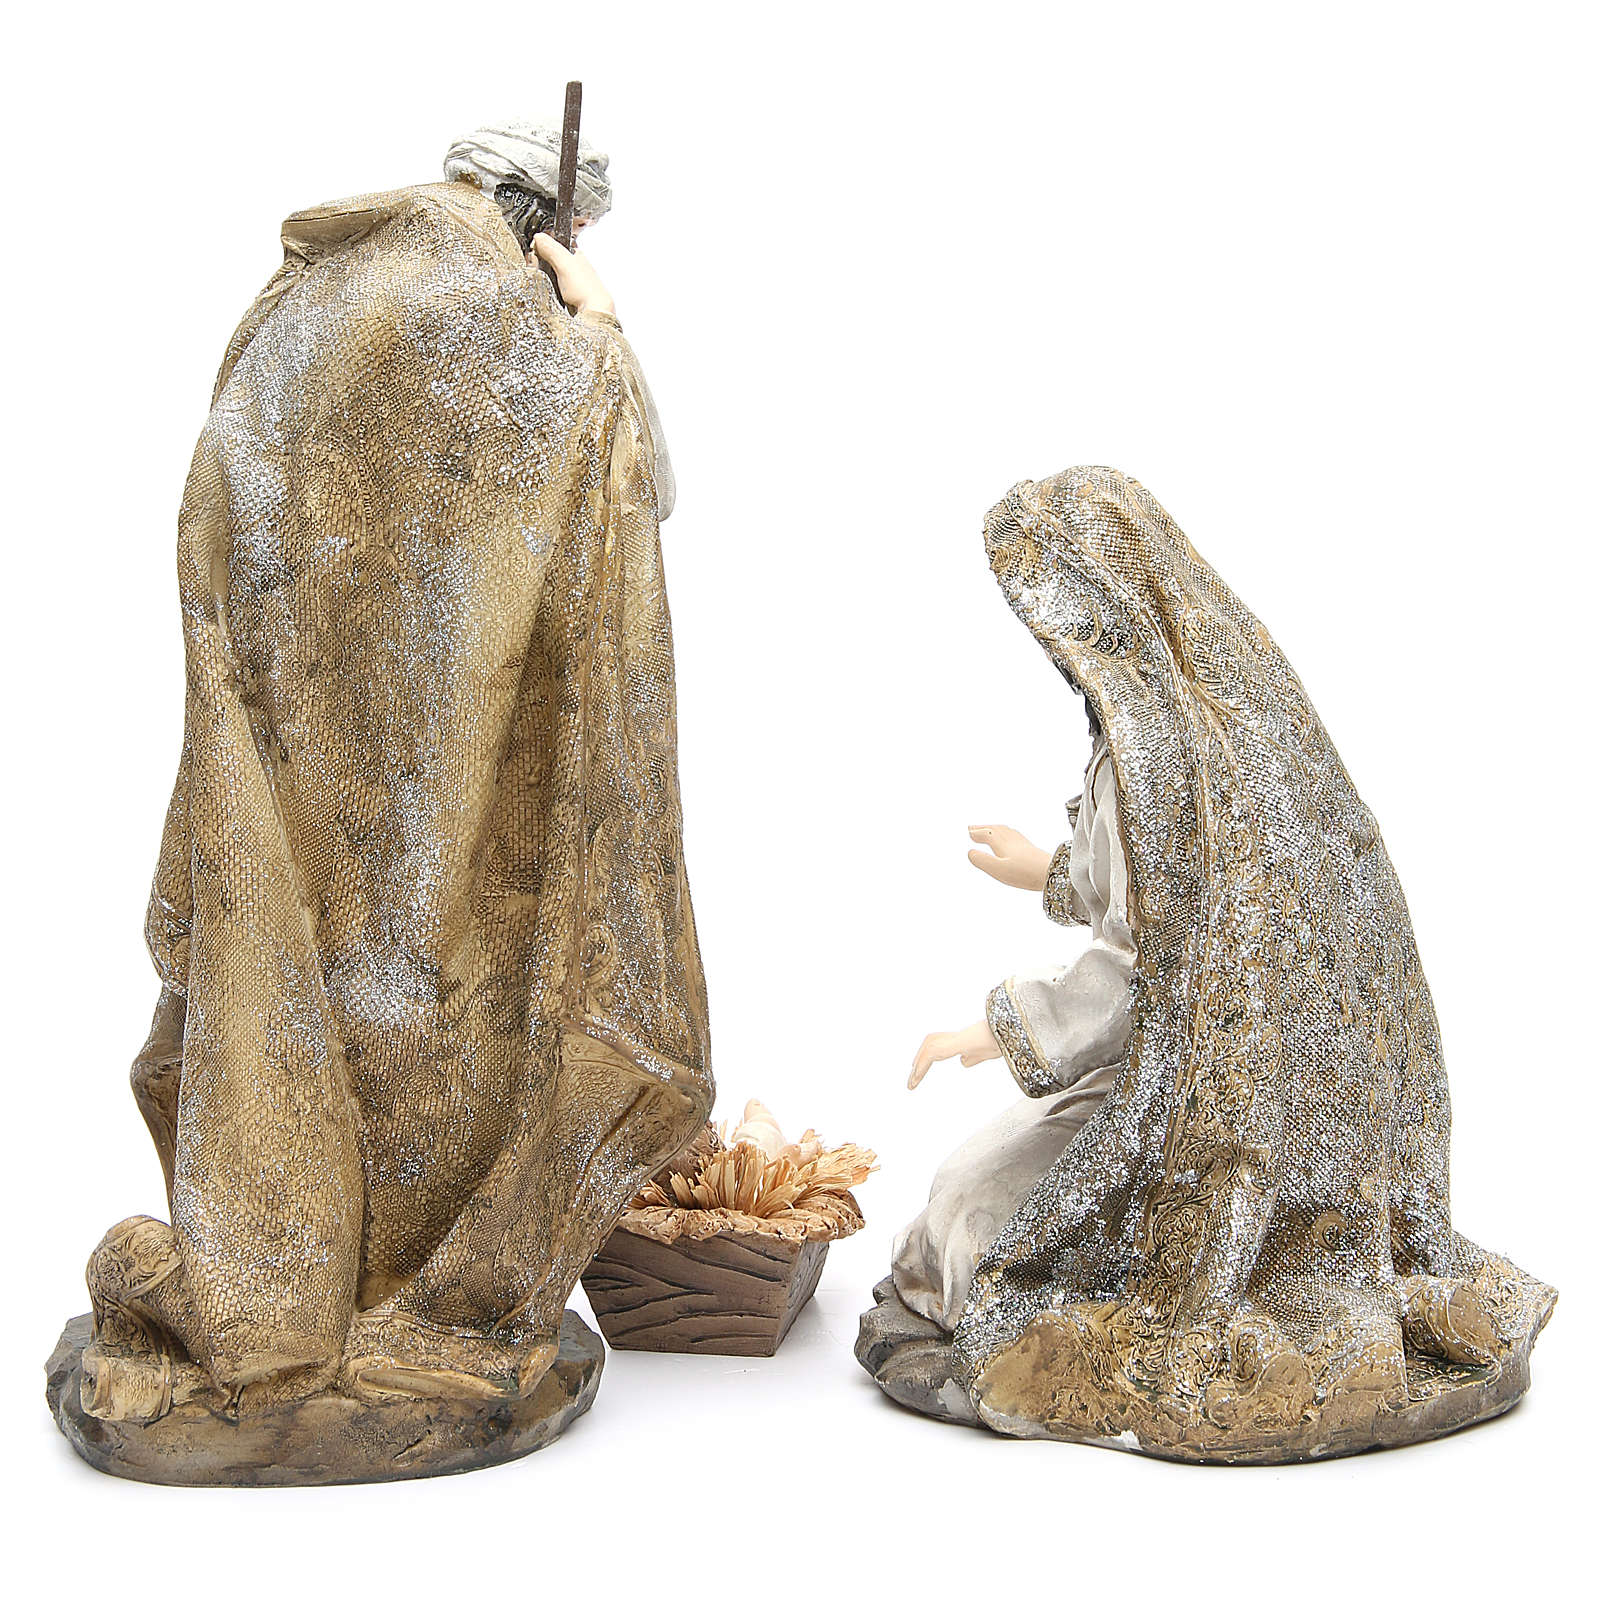 Nativité résine 31,5 cm 3 pcs fin. Cream Gold 3